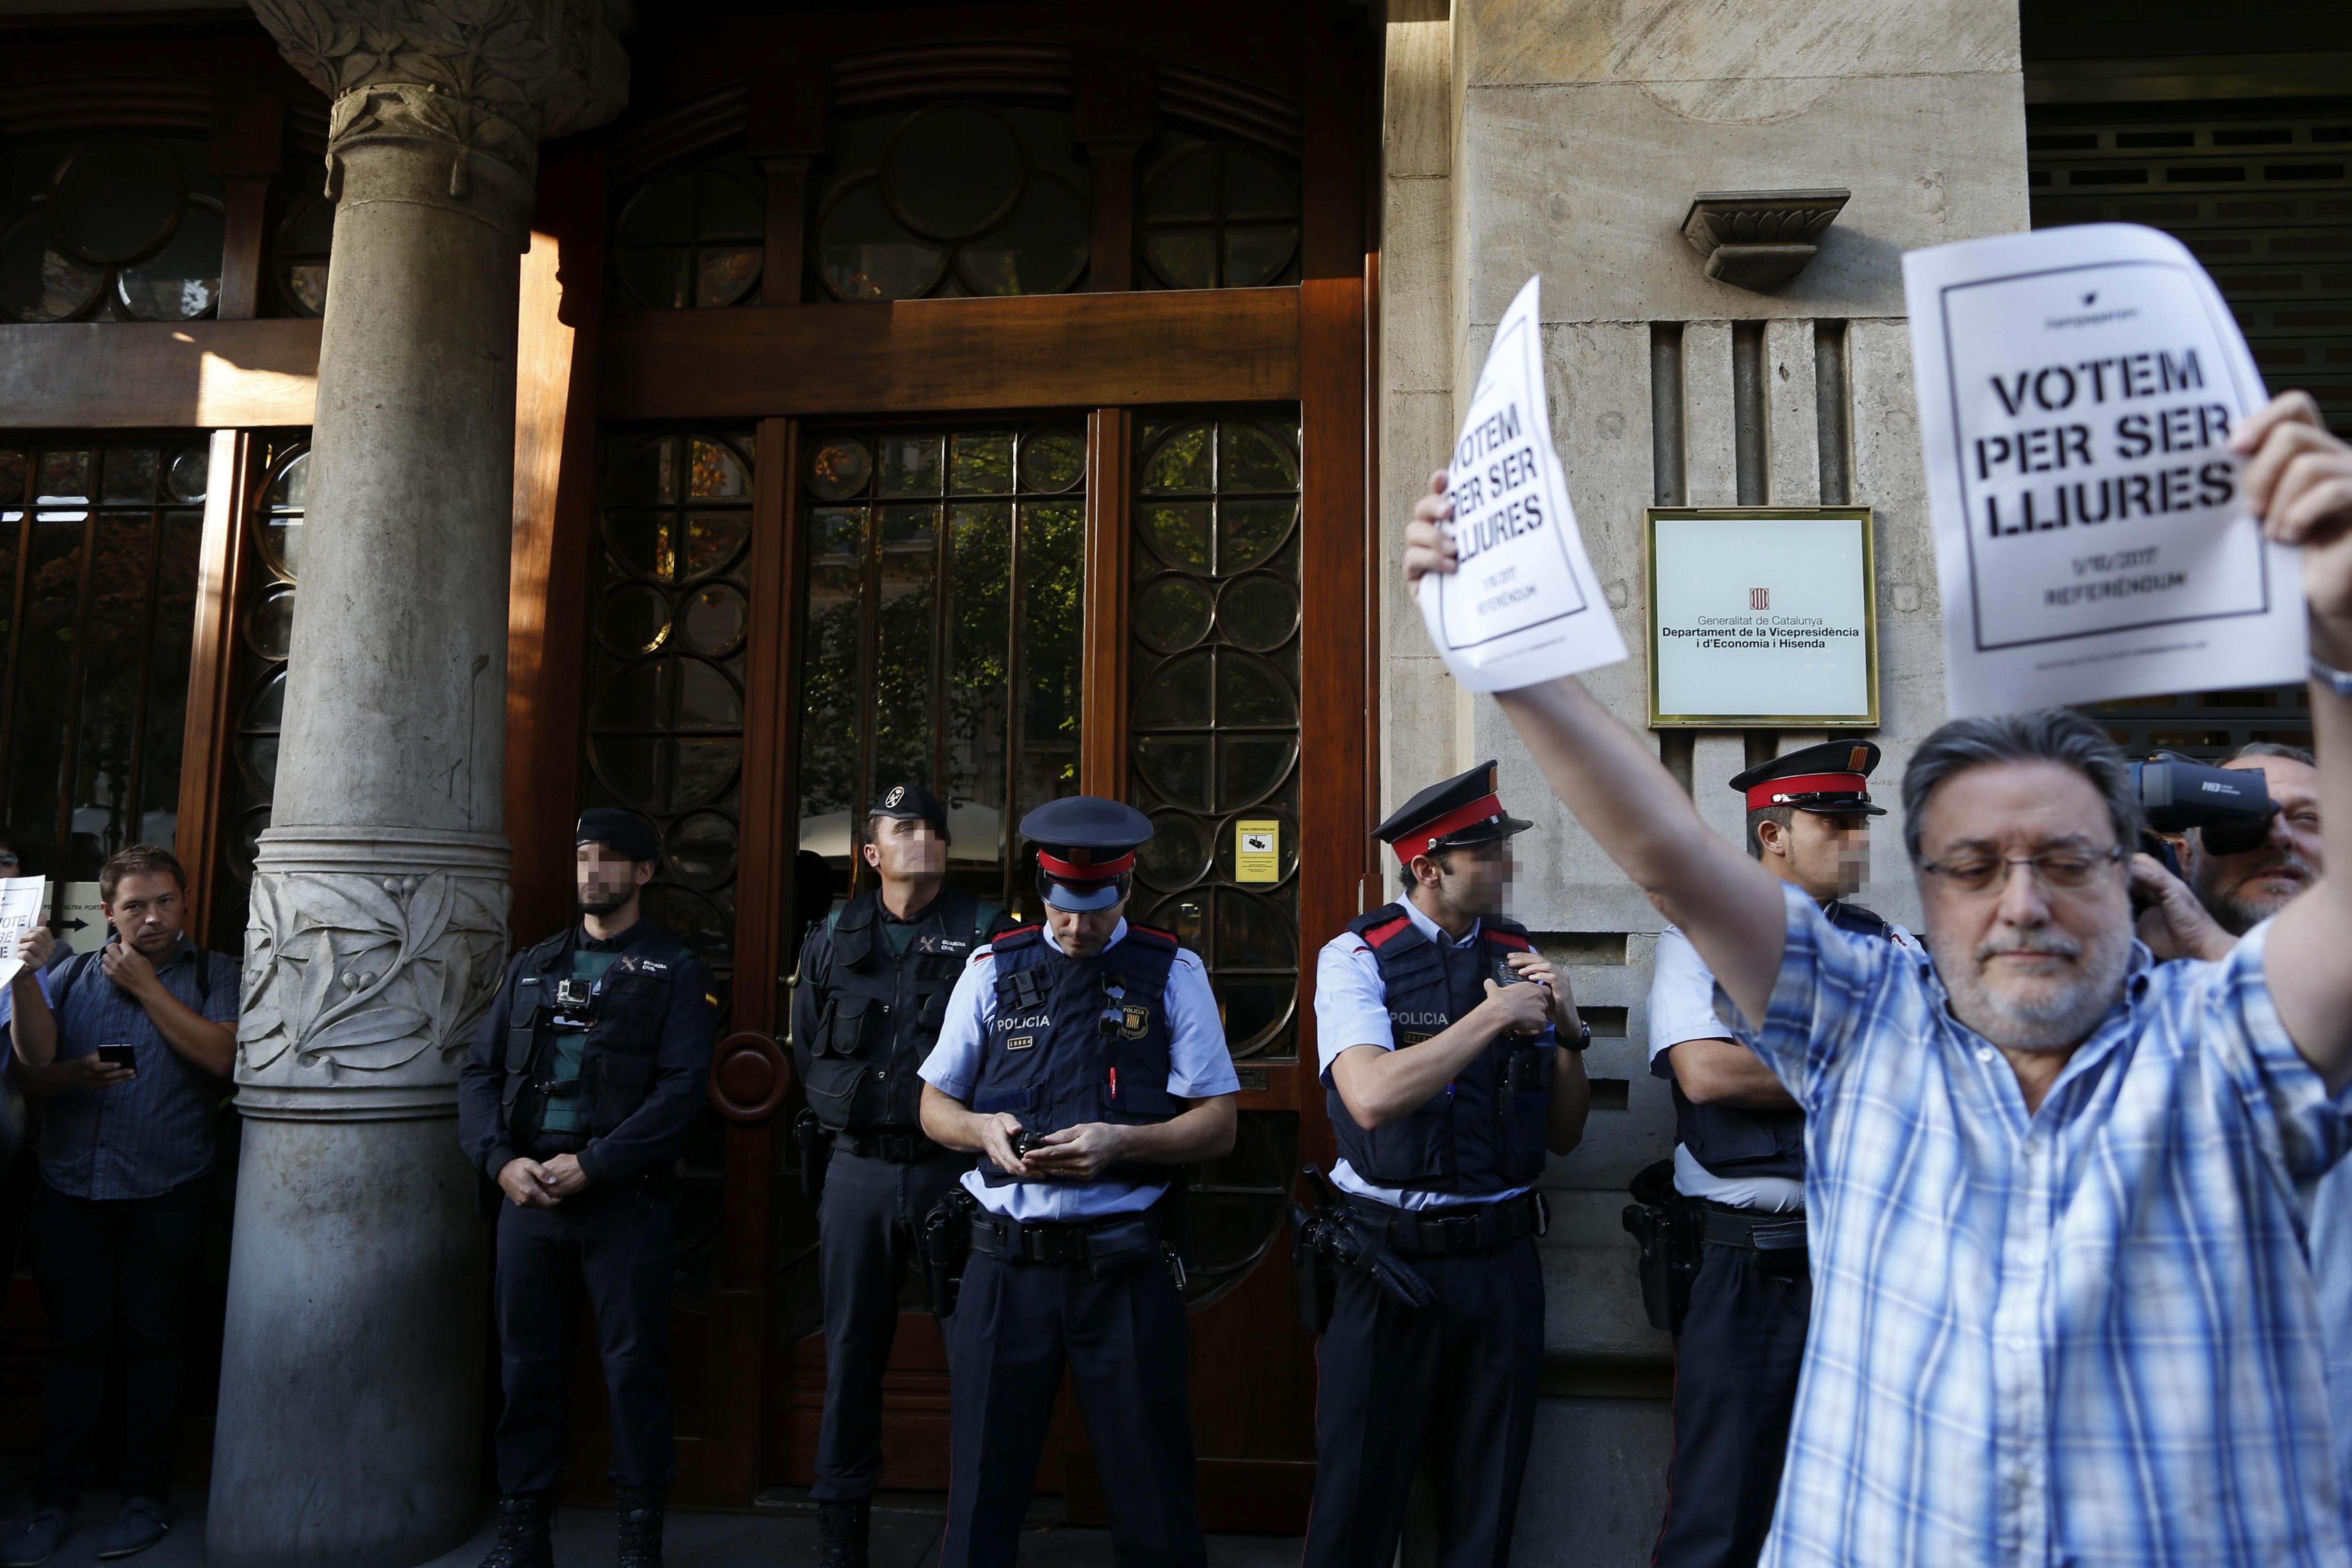 Rajoy reitera oposição ao referendo da Catalunha